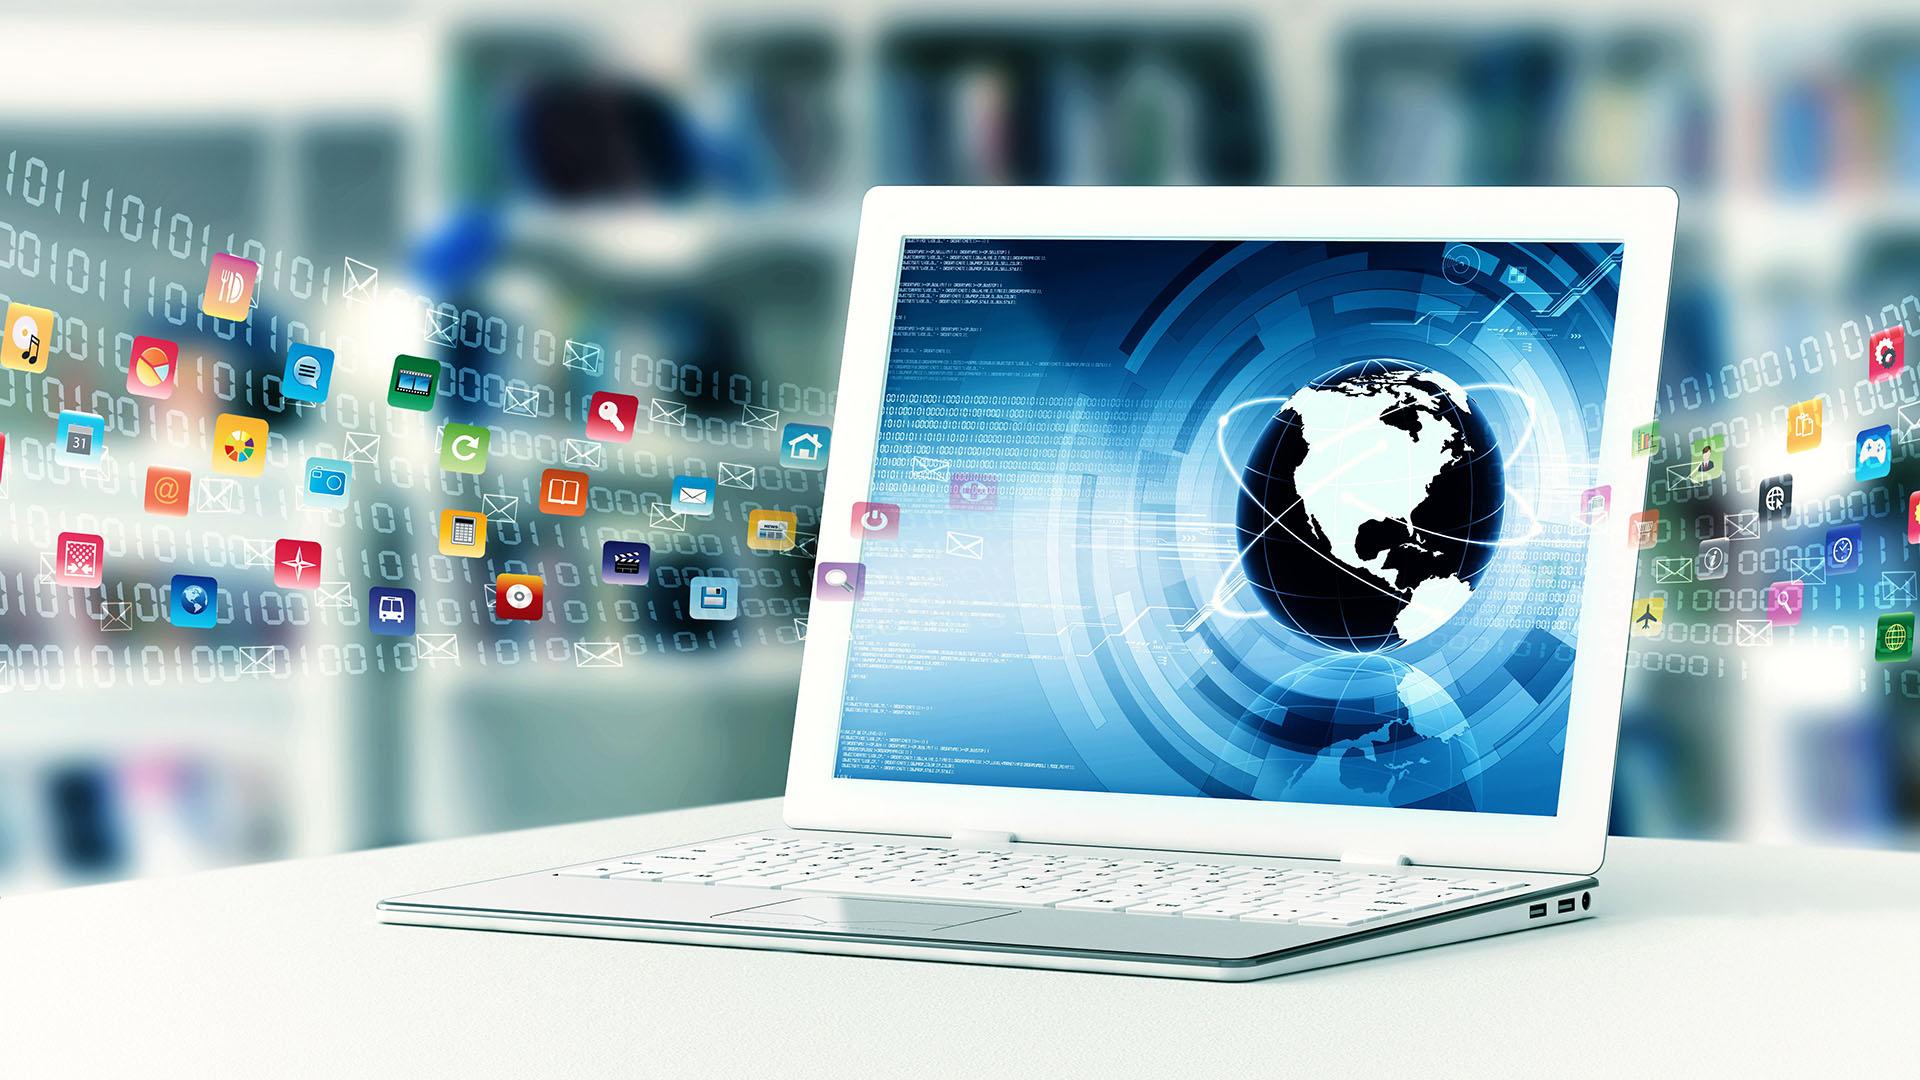 weboldal webáruház készítés Pécs, webshop készítés Pécs, honlapkészítés Pécs